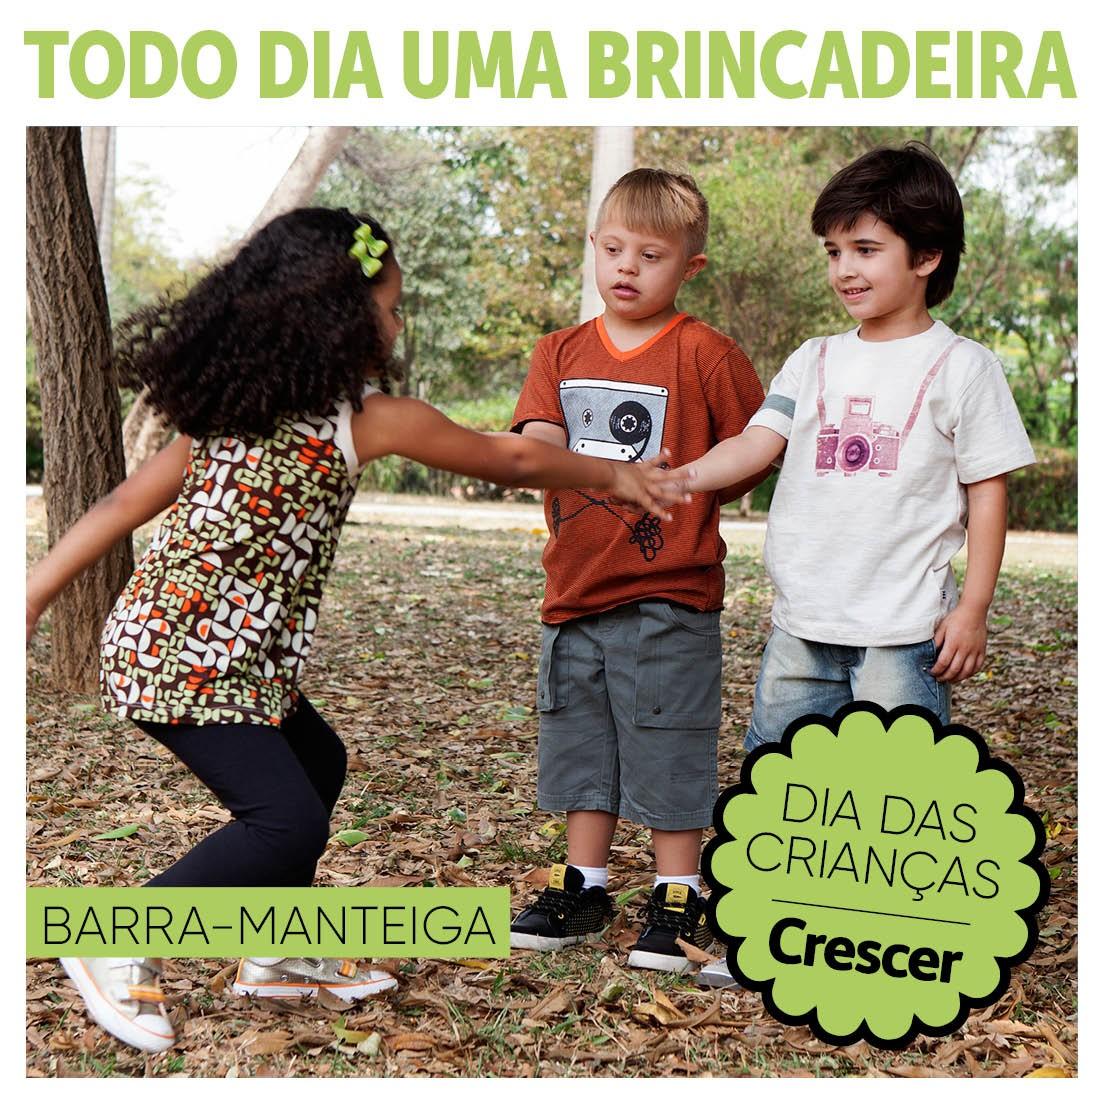 BARRA-MANTEIGA-TODO-DIA-UMA-BRINCADEIRA (Foto:  EDITORA GLOBO)